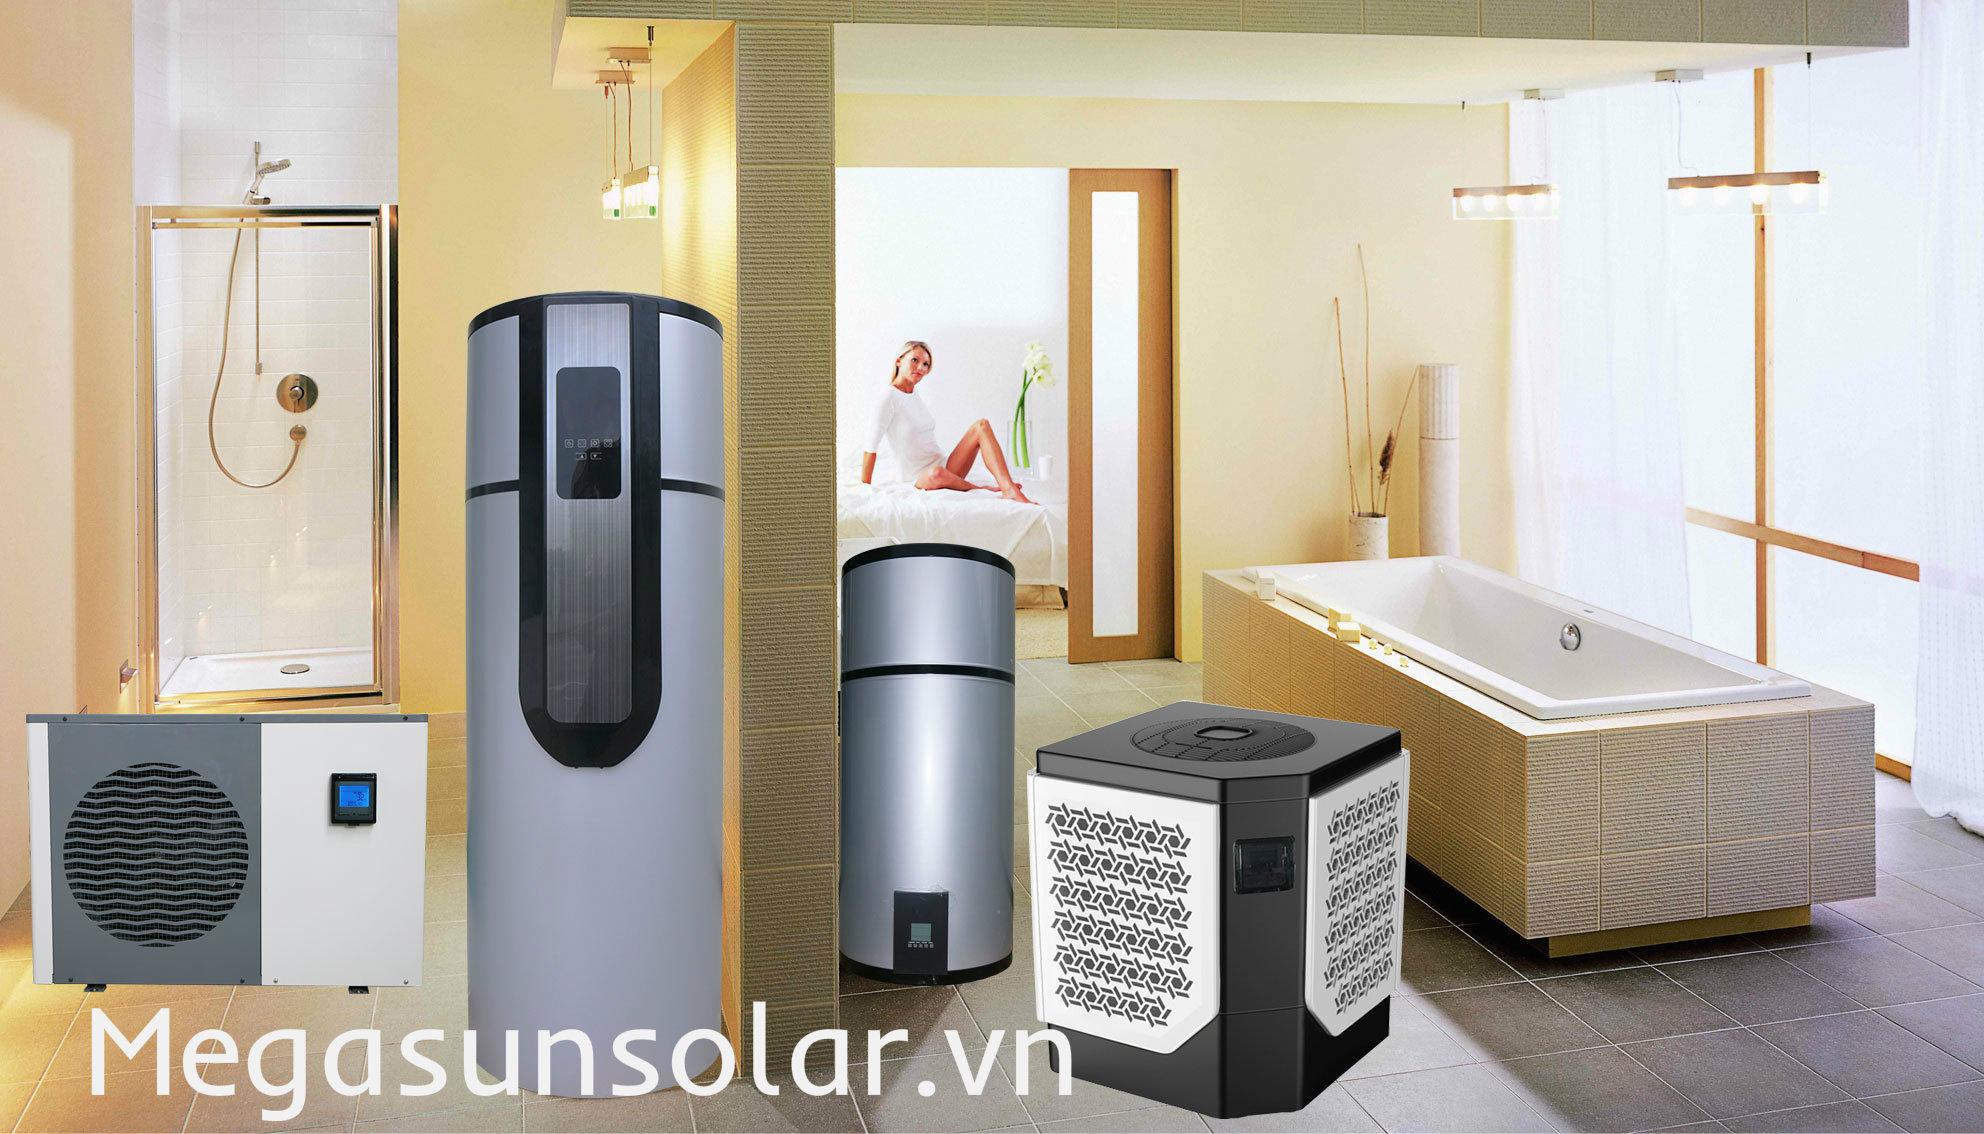 Máy nước nóng Bơm Nhiệt Heat pump sử dụng cho mọi công trình